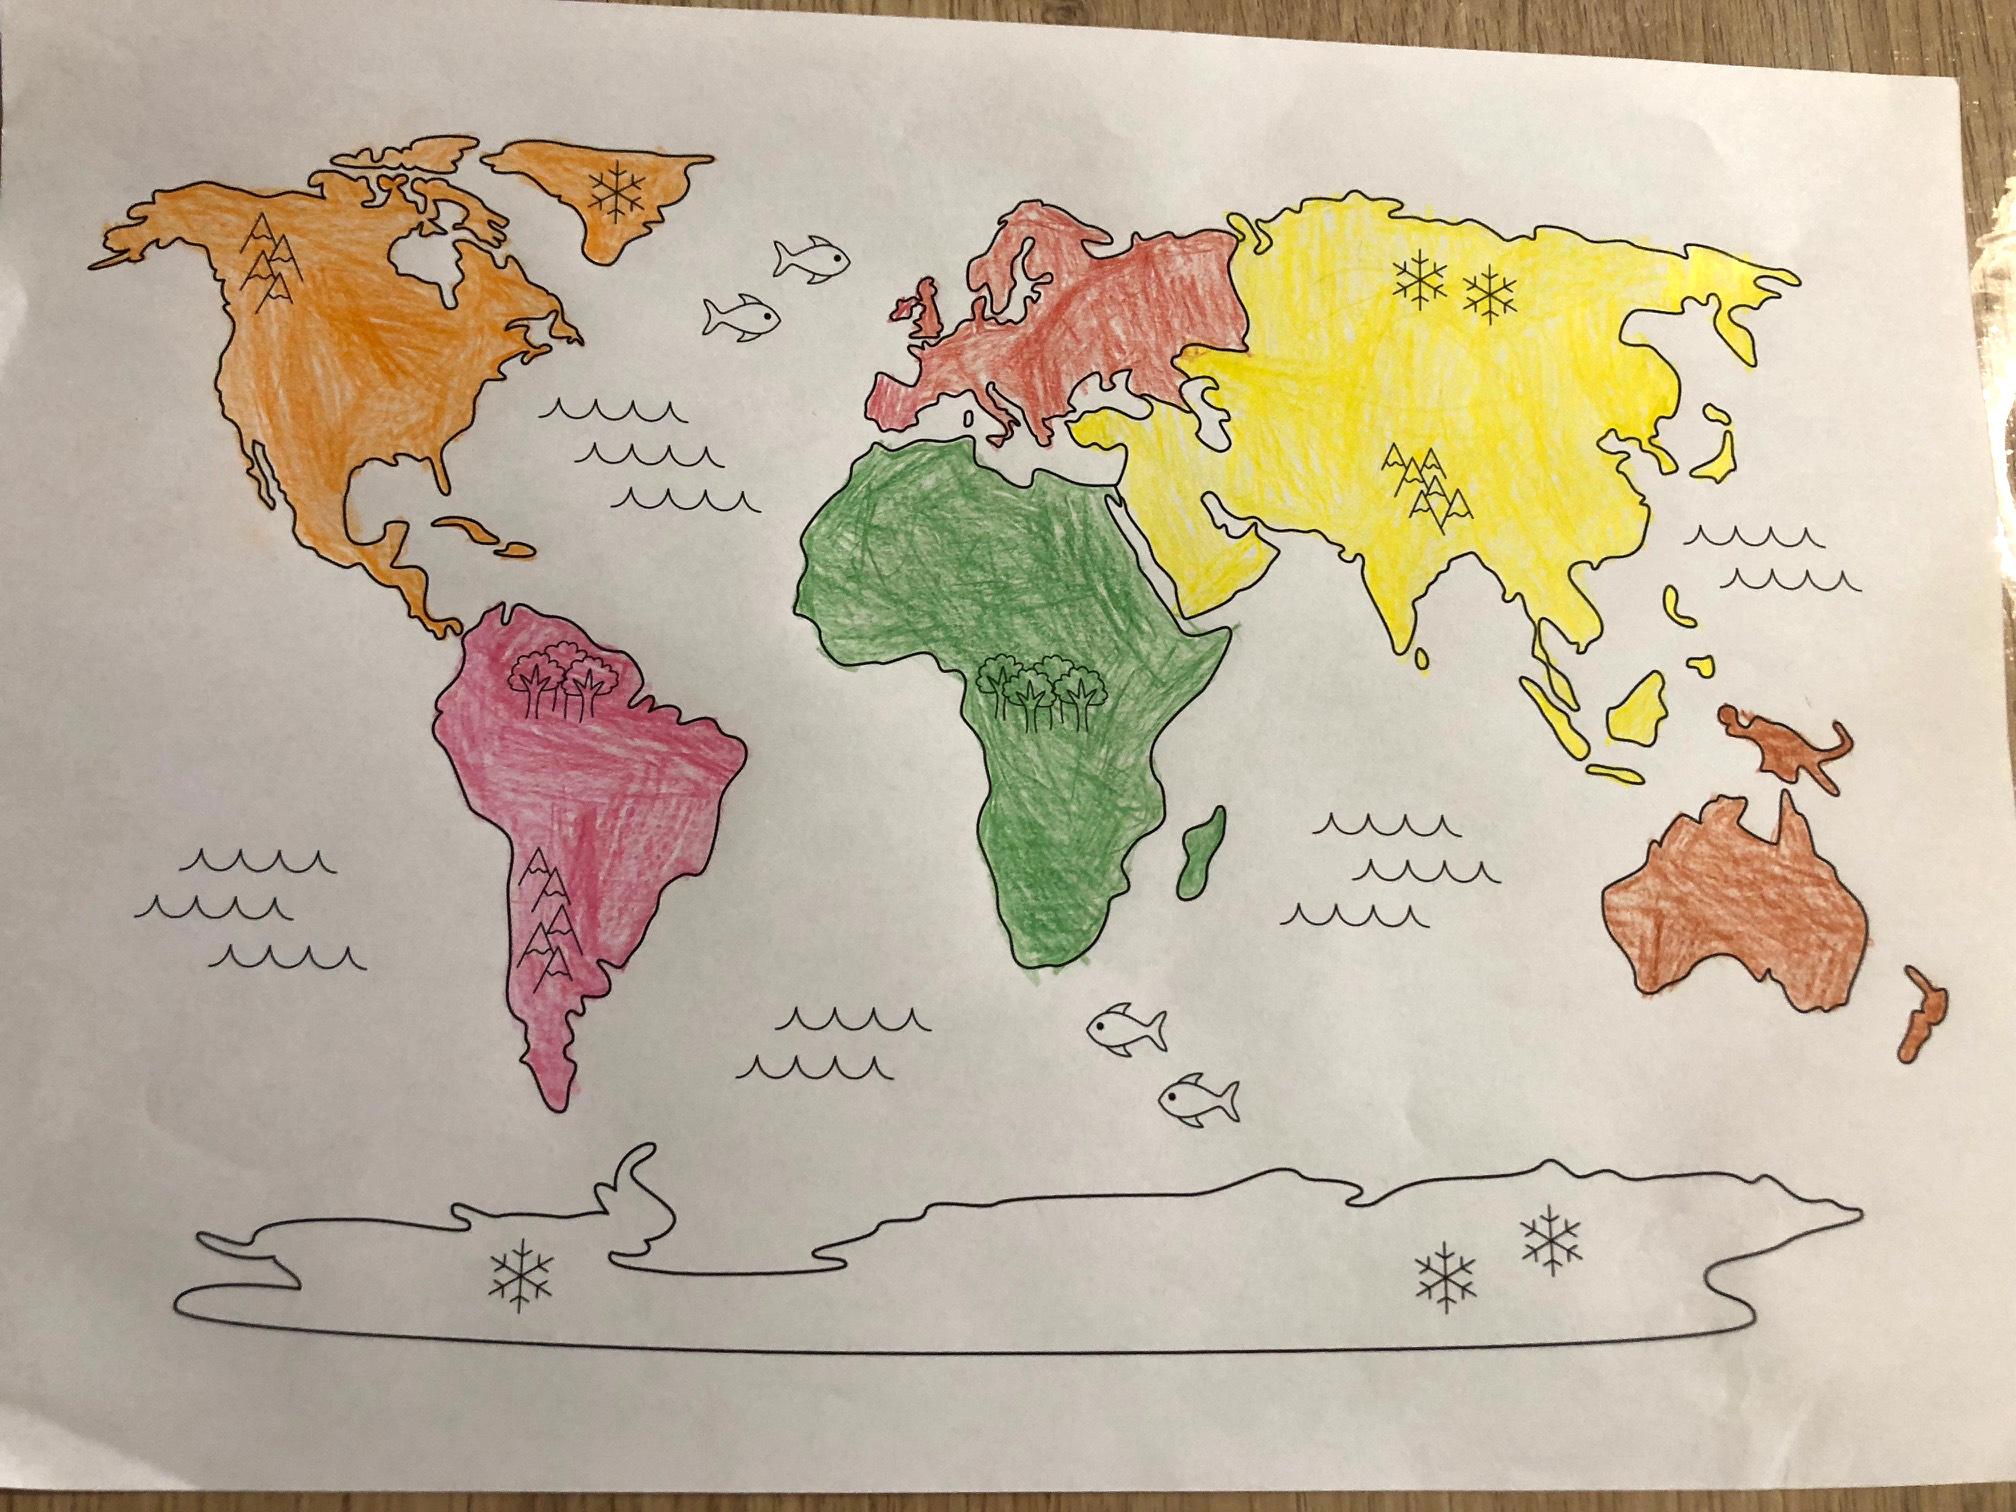 Planisphère à colorier les continents